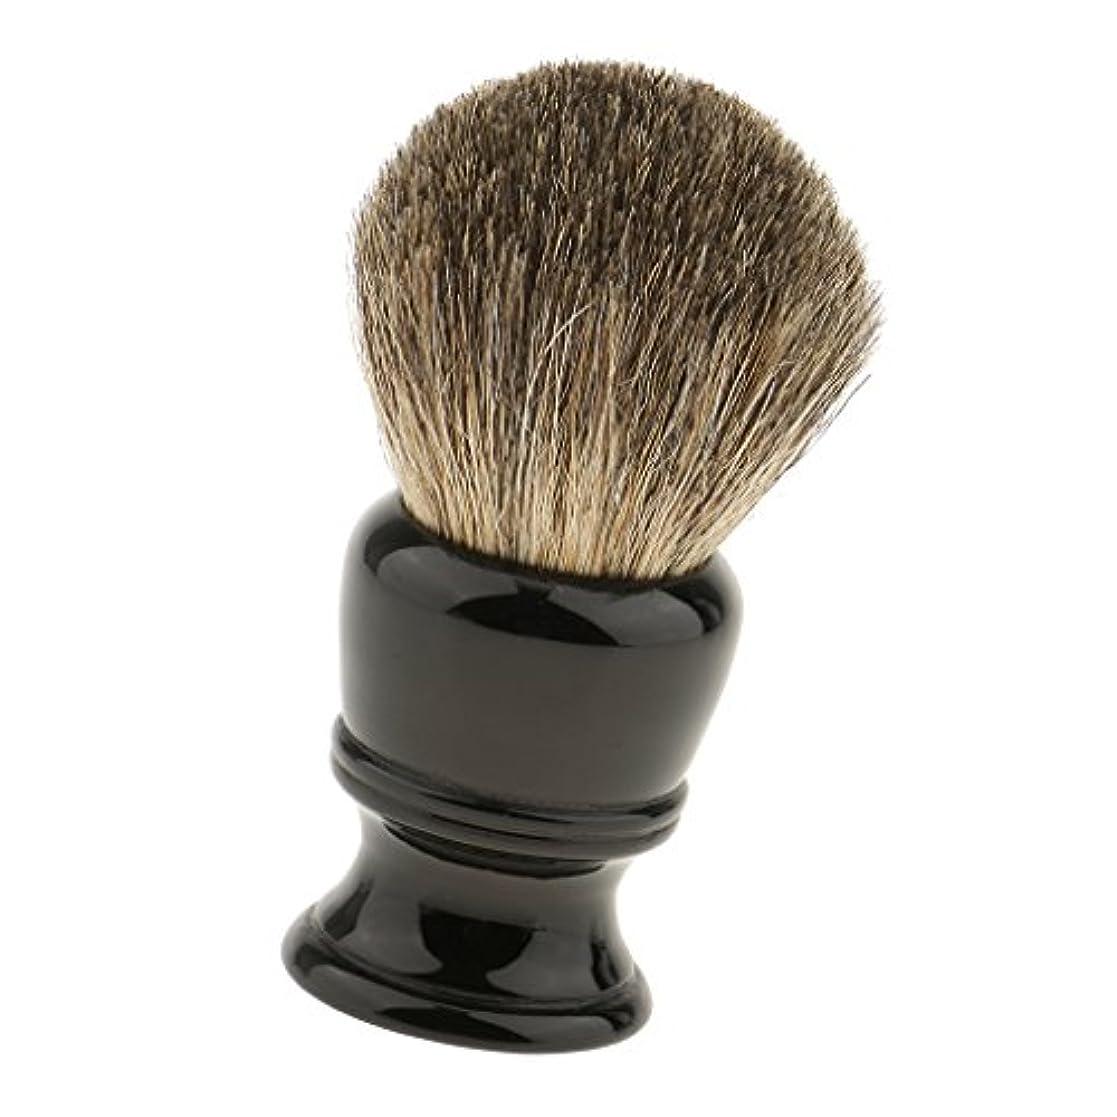 リマ戸惑う寮dailymall 樹脂ハンドルシェービングブラシホーム理容サロンツール旅行ポータブルキットの男性のひげ剃り